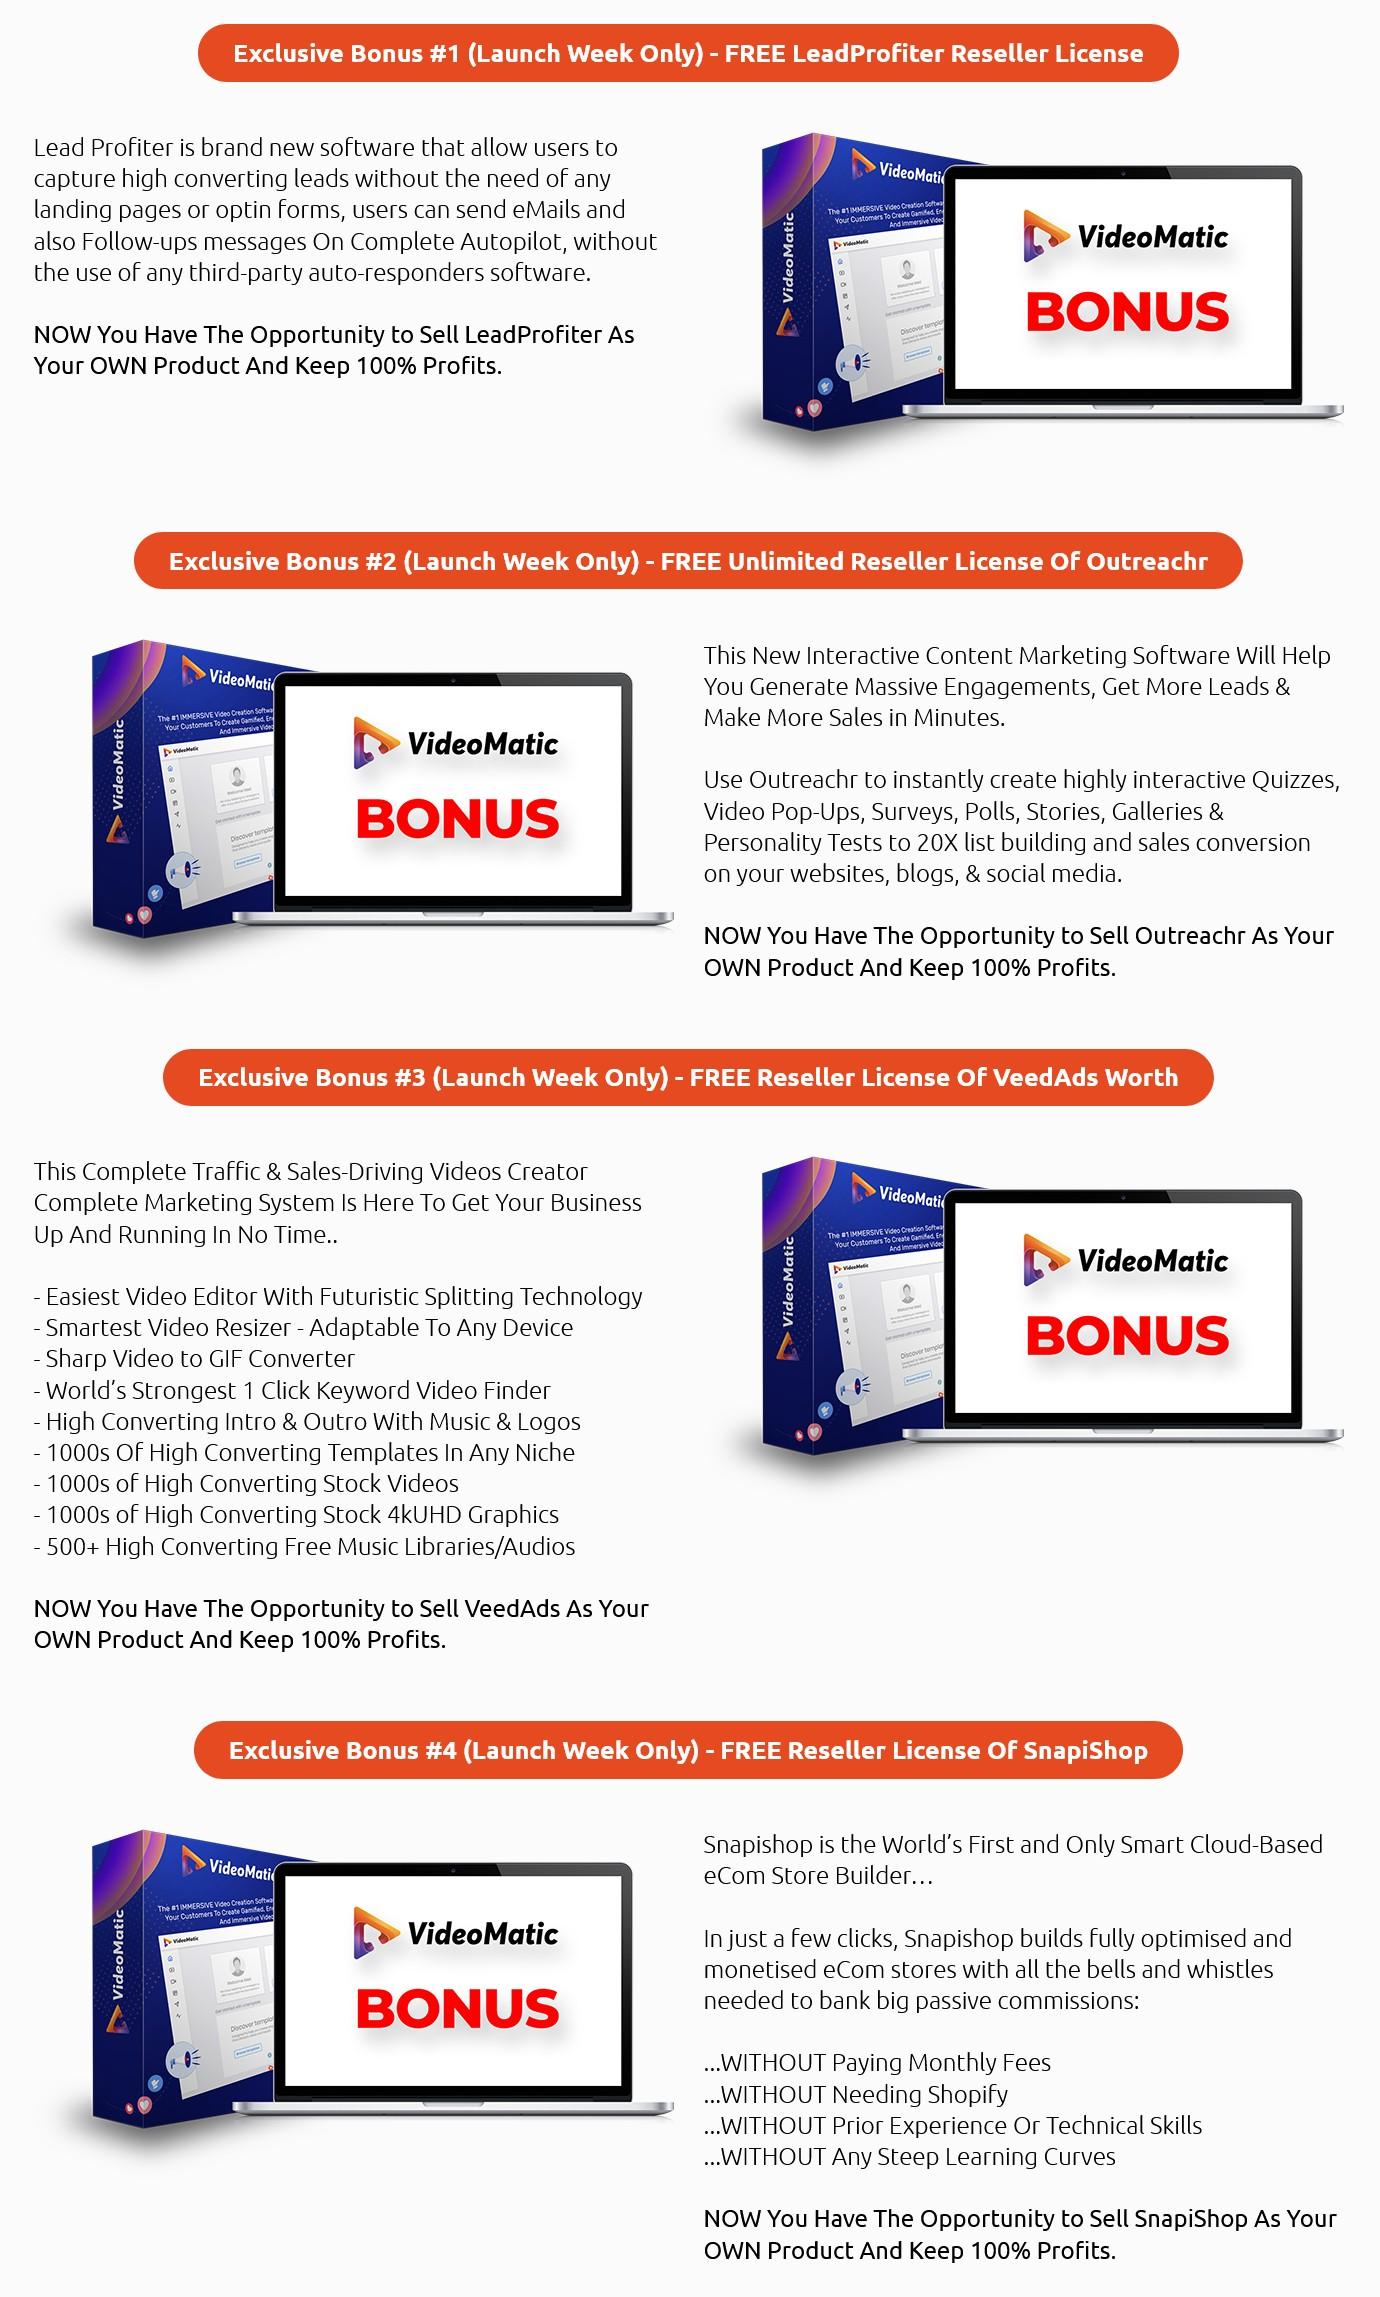 VideoMatic-bonus